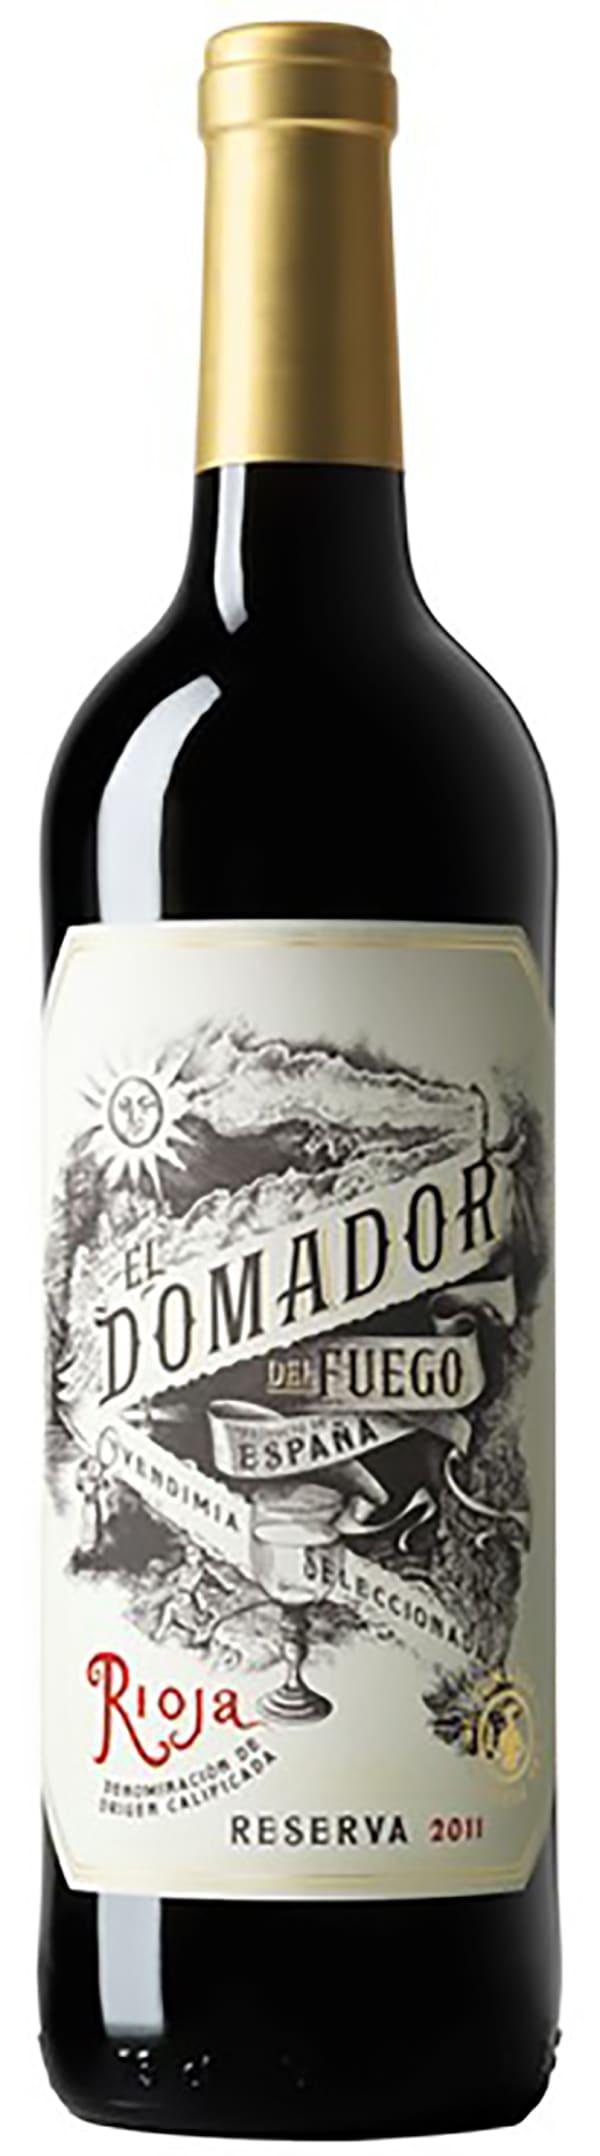 Domador del Fuego Reserva 2012